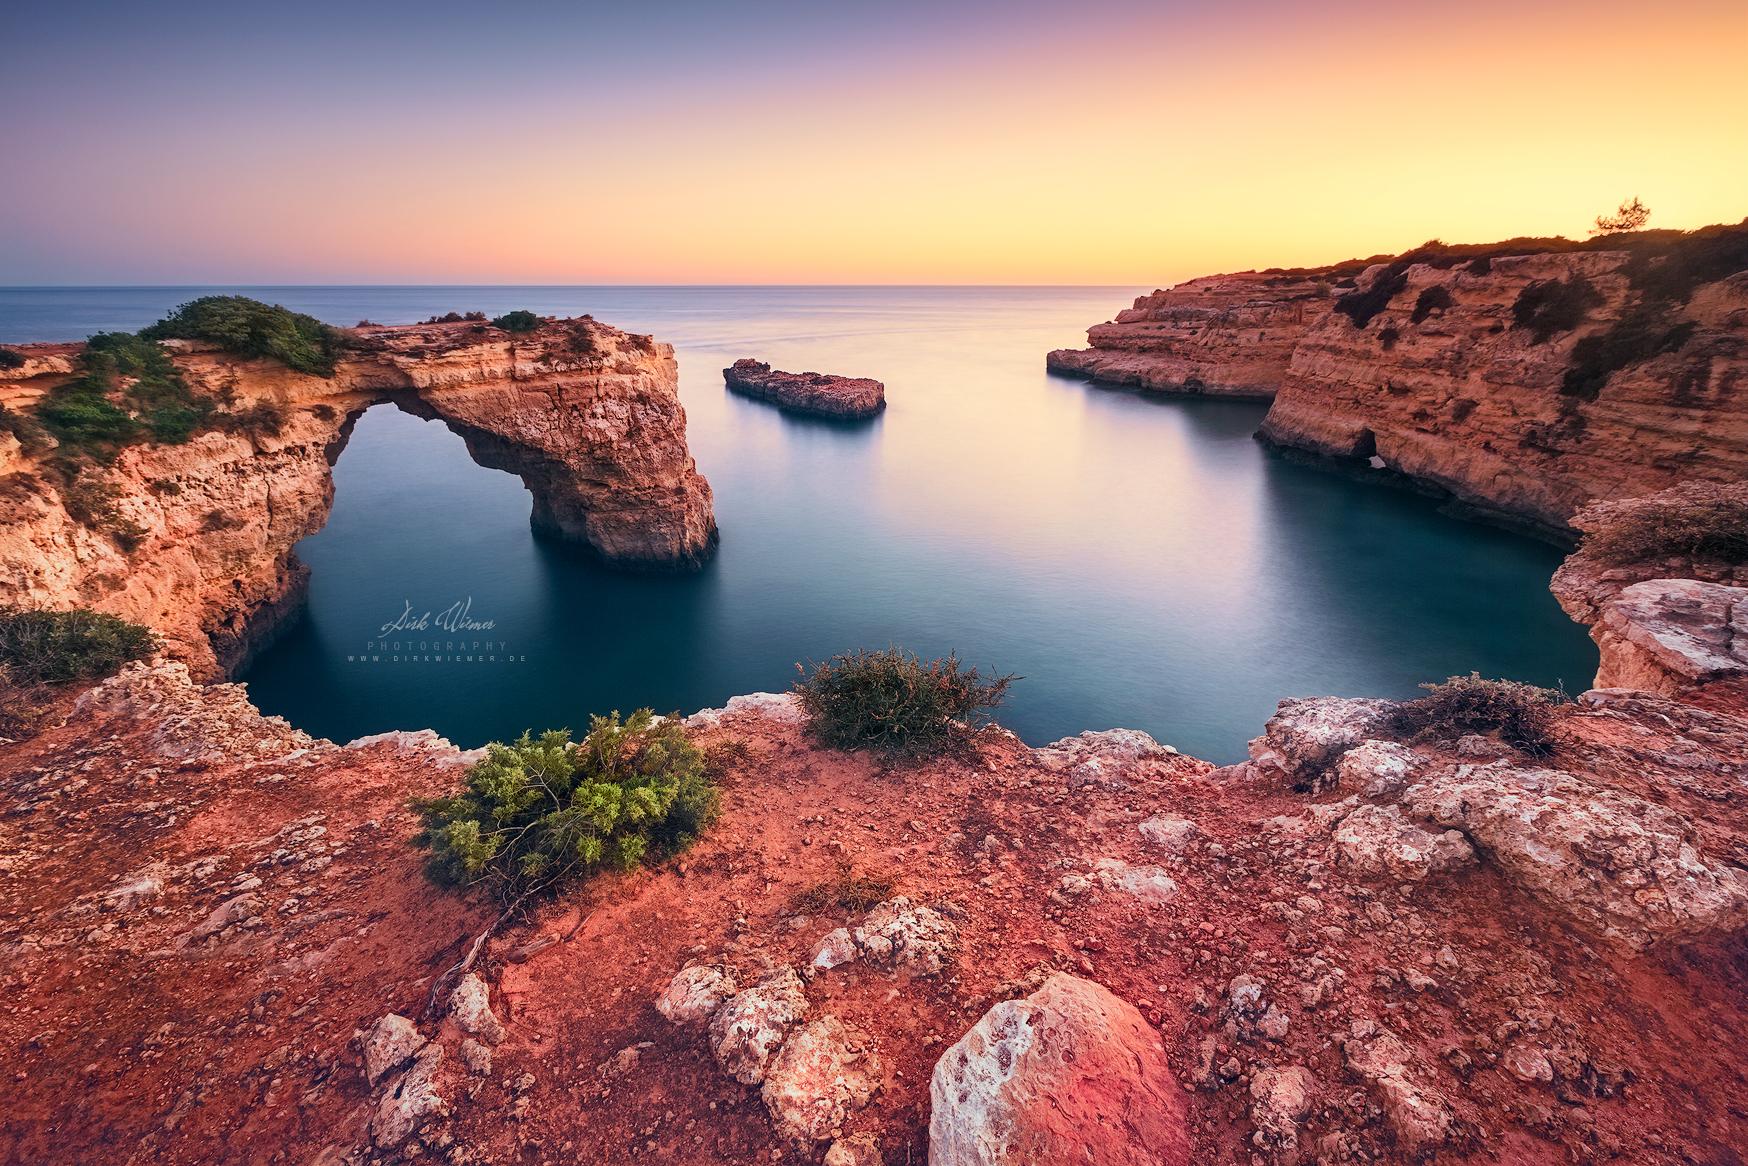 Pirates and smugglers cove (Praia de Albandeira / Algarve), Portugal